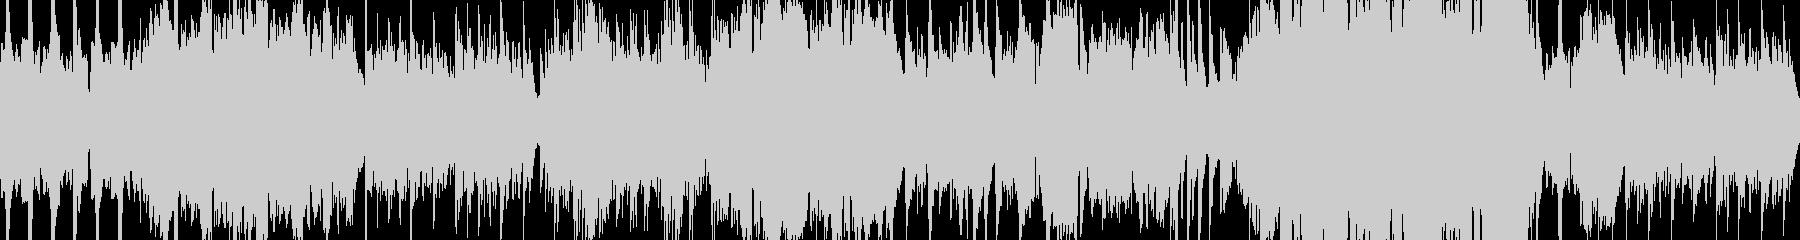 ピアノと尺八の穏やかな和風バラードループの未再生の波形